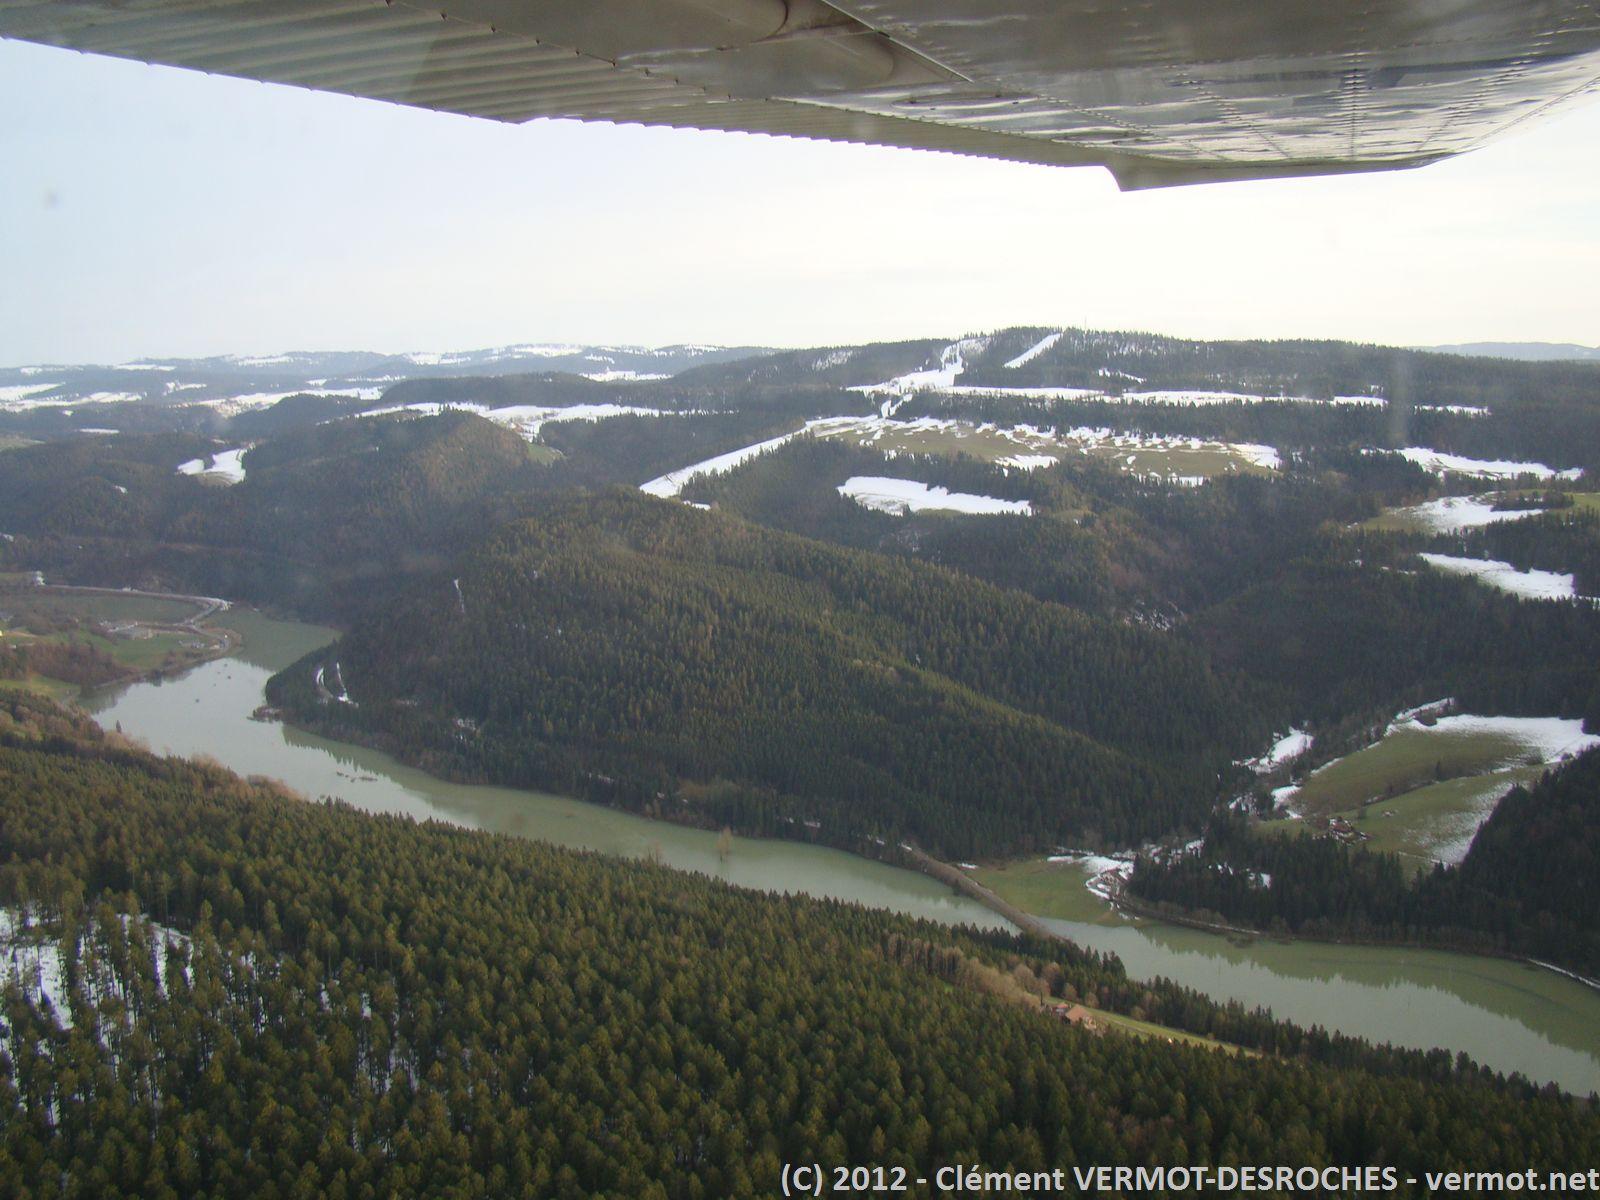 Le défilé d'Entre-Roches, creusé par le Doubs, avec encore quelques plaques de neige dans les zones ombragées.